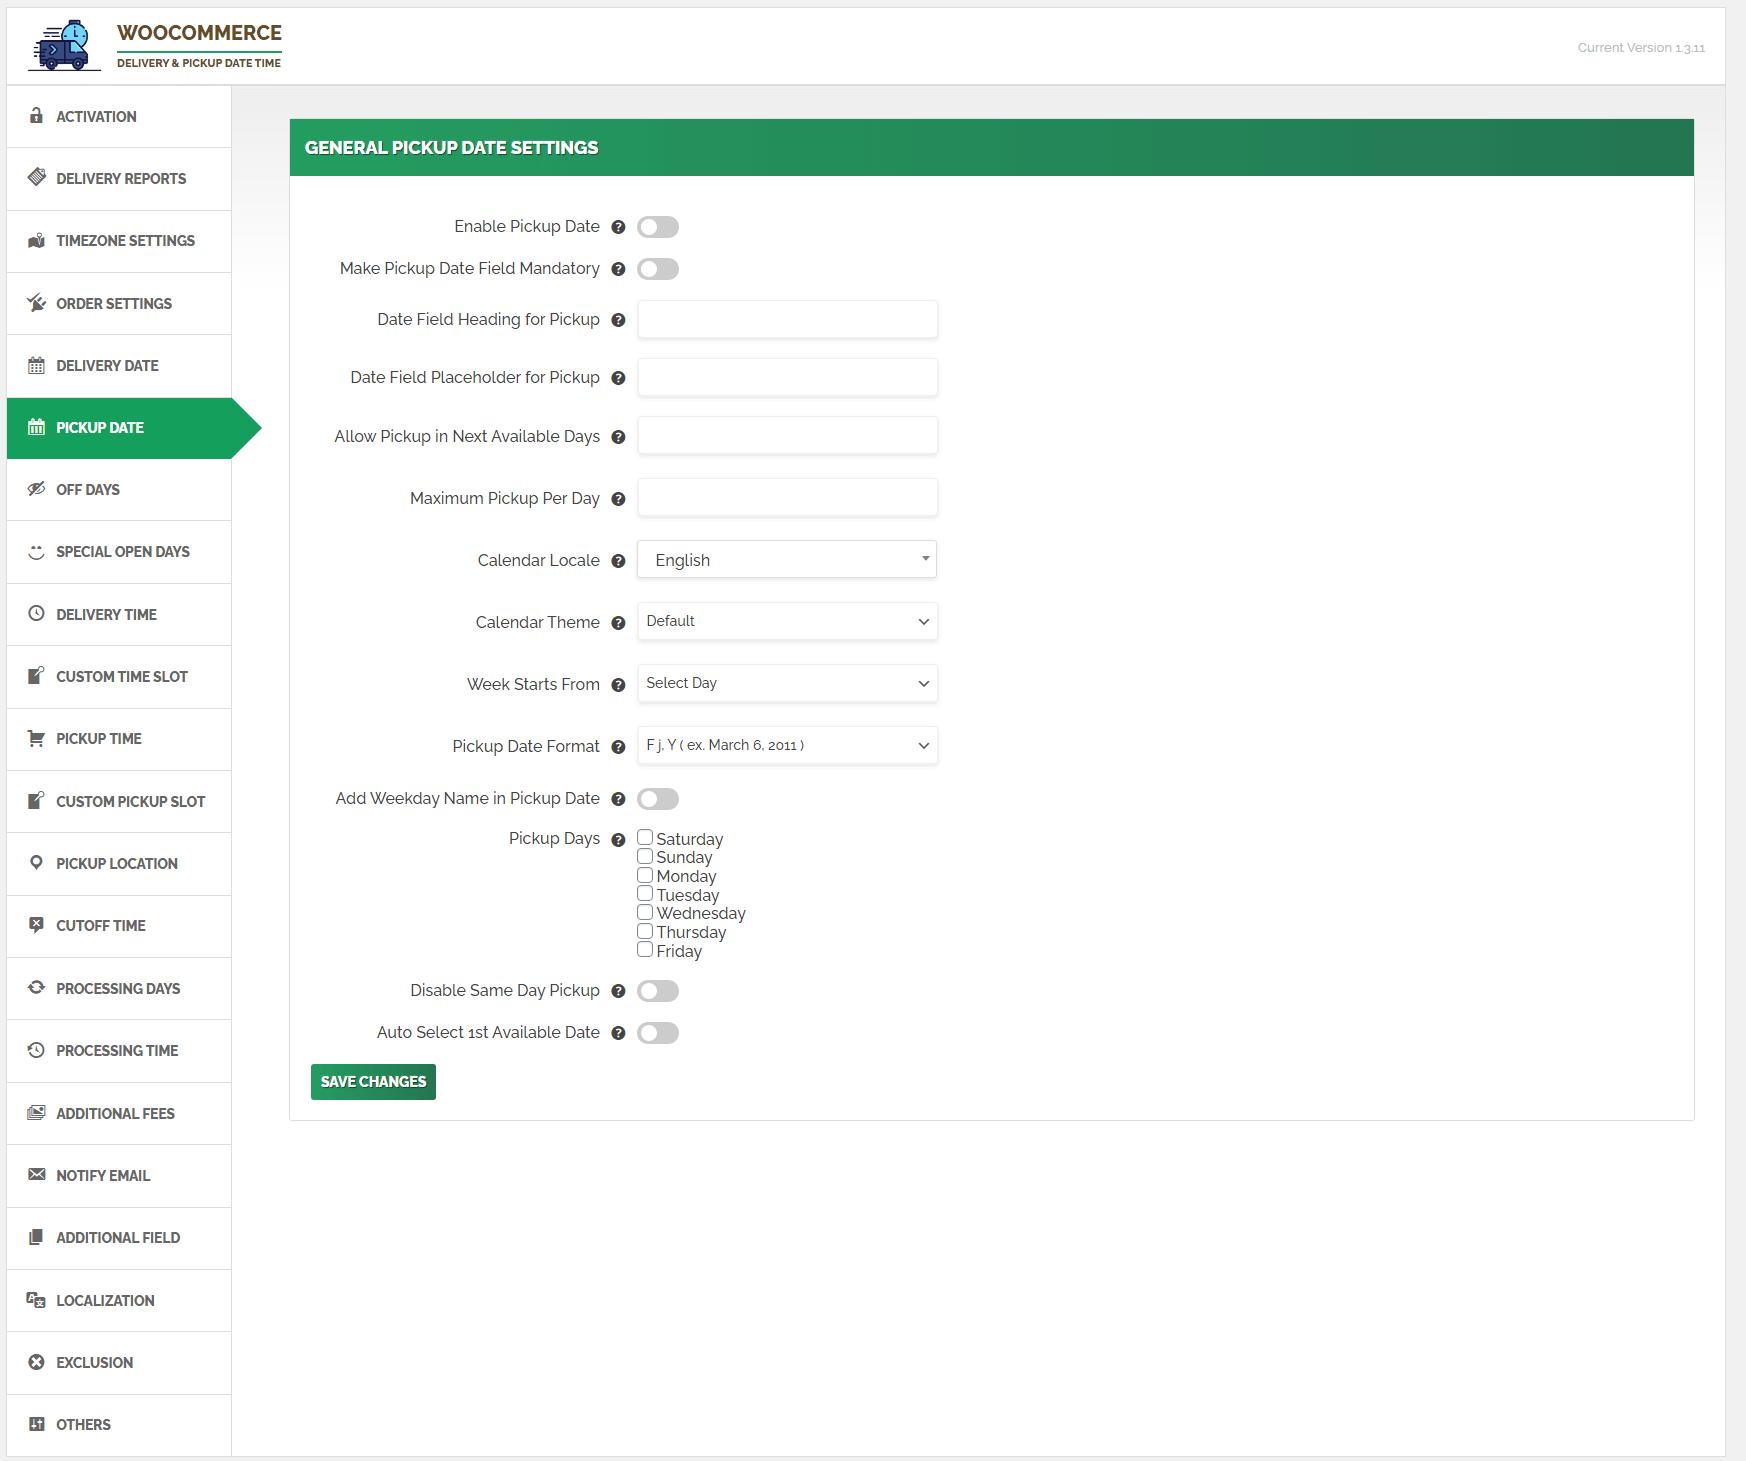 Pickup Date Settings